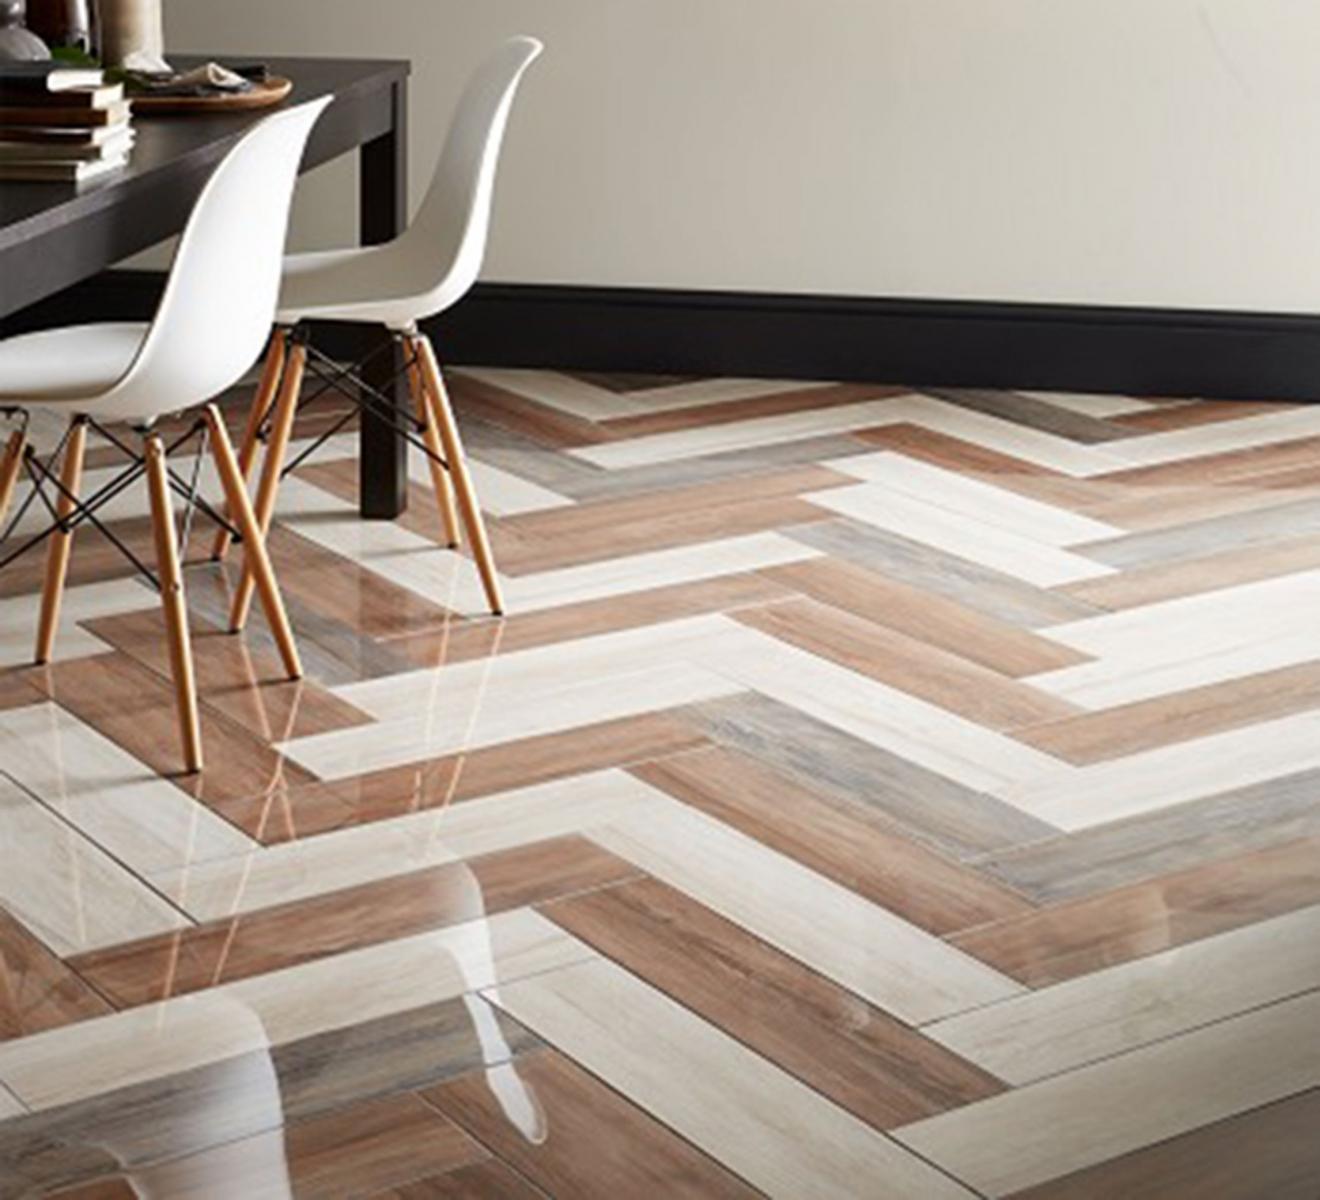 Topps-Tiles-floor-tiles